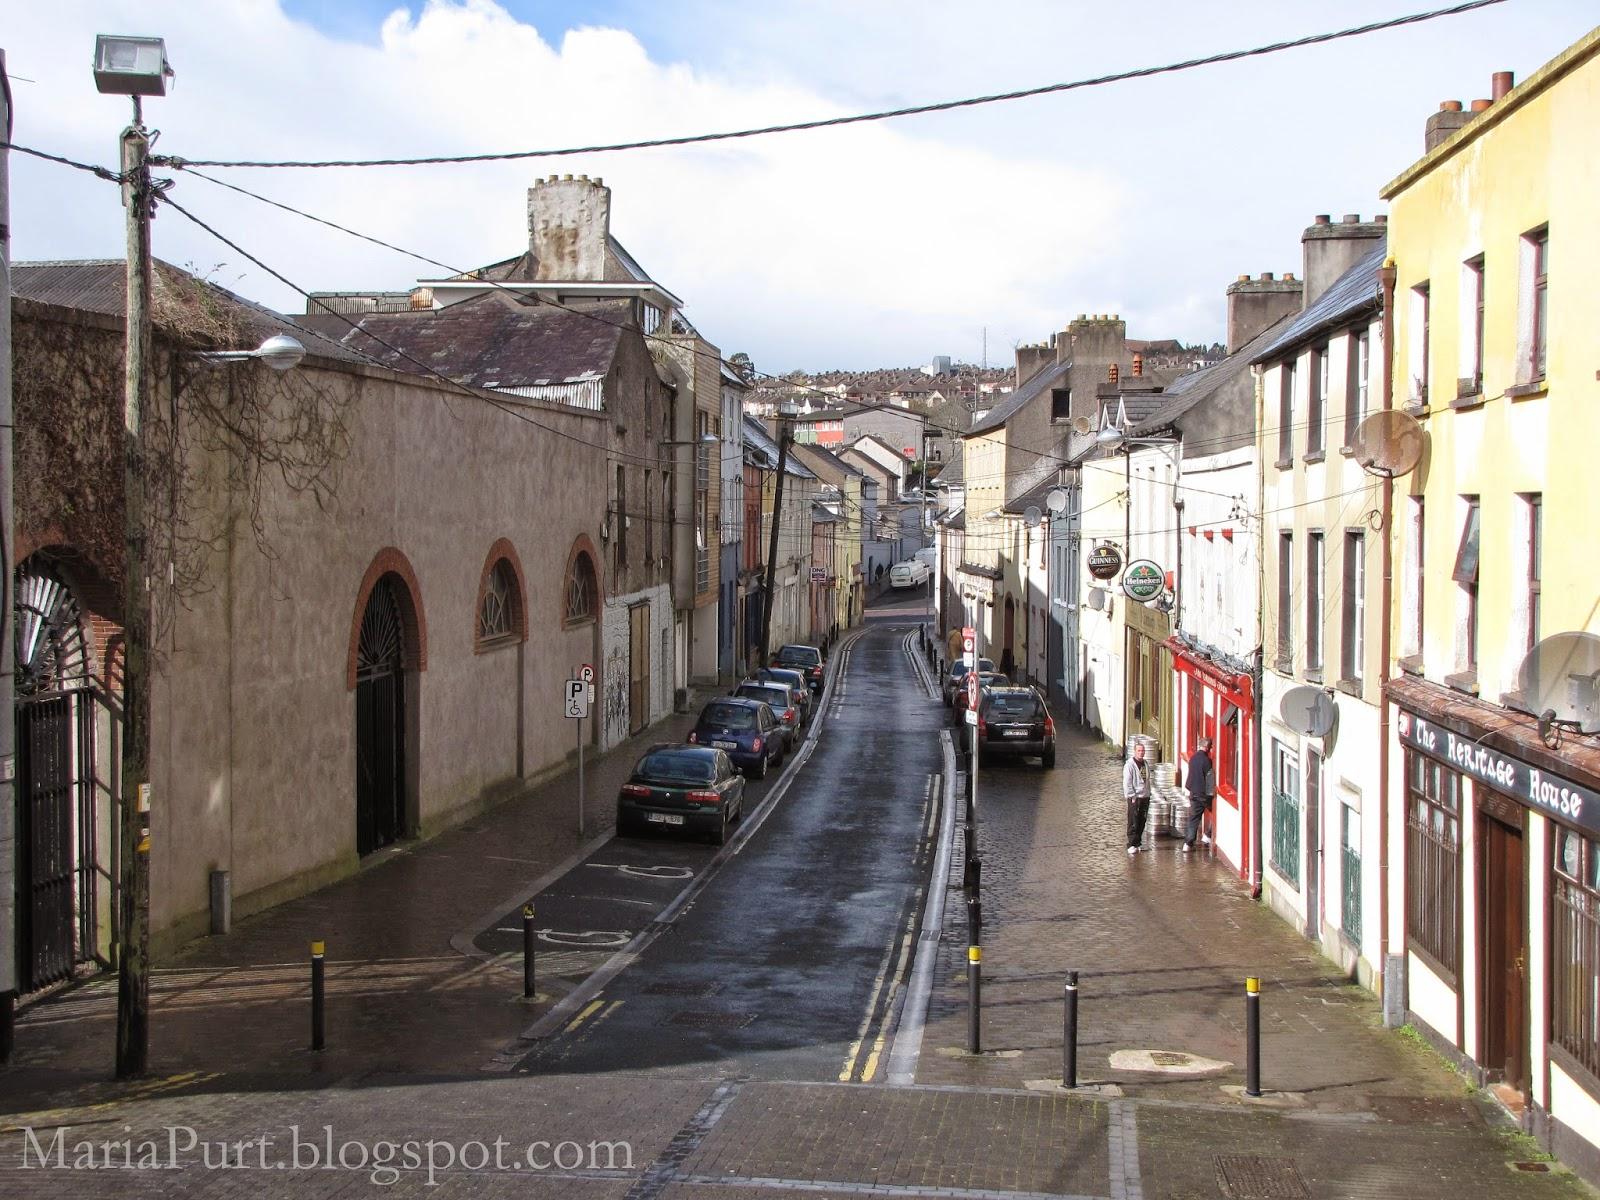 Утренняя улочка в Корке, Ирландия